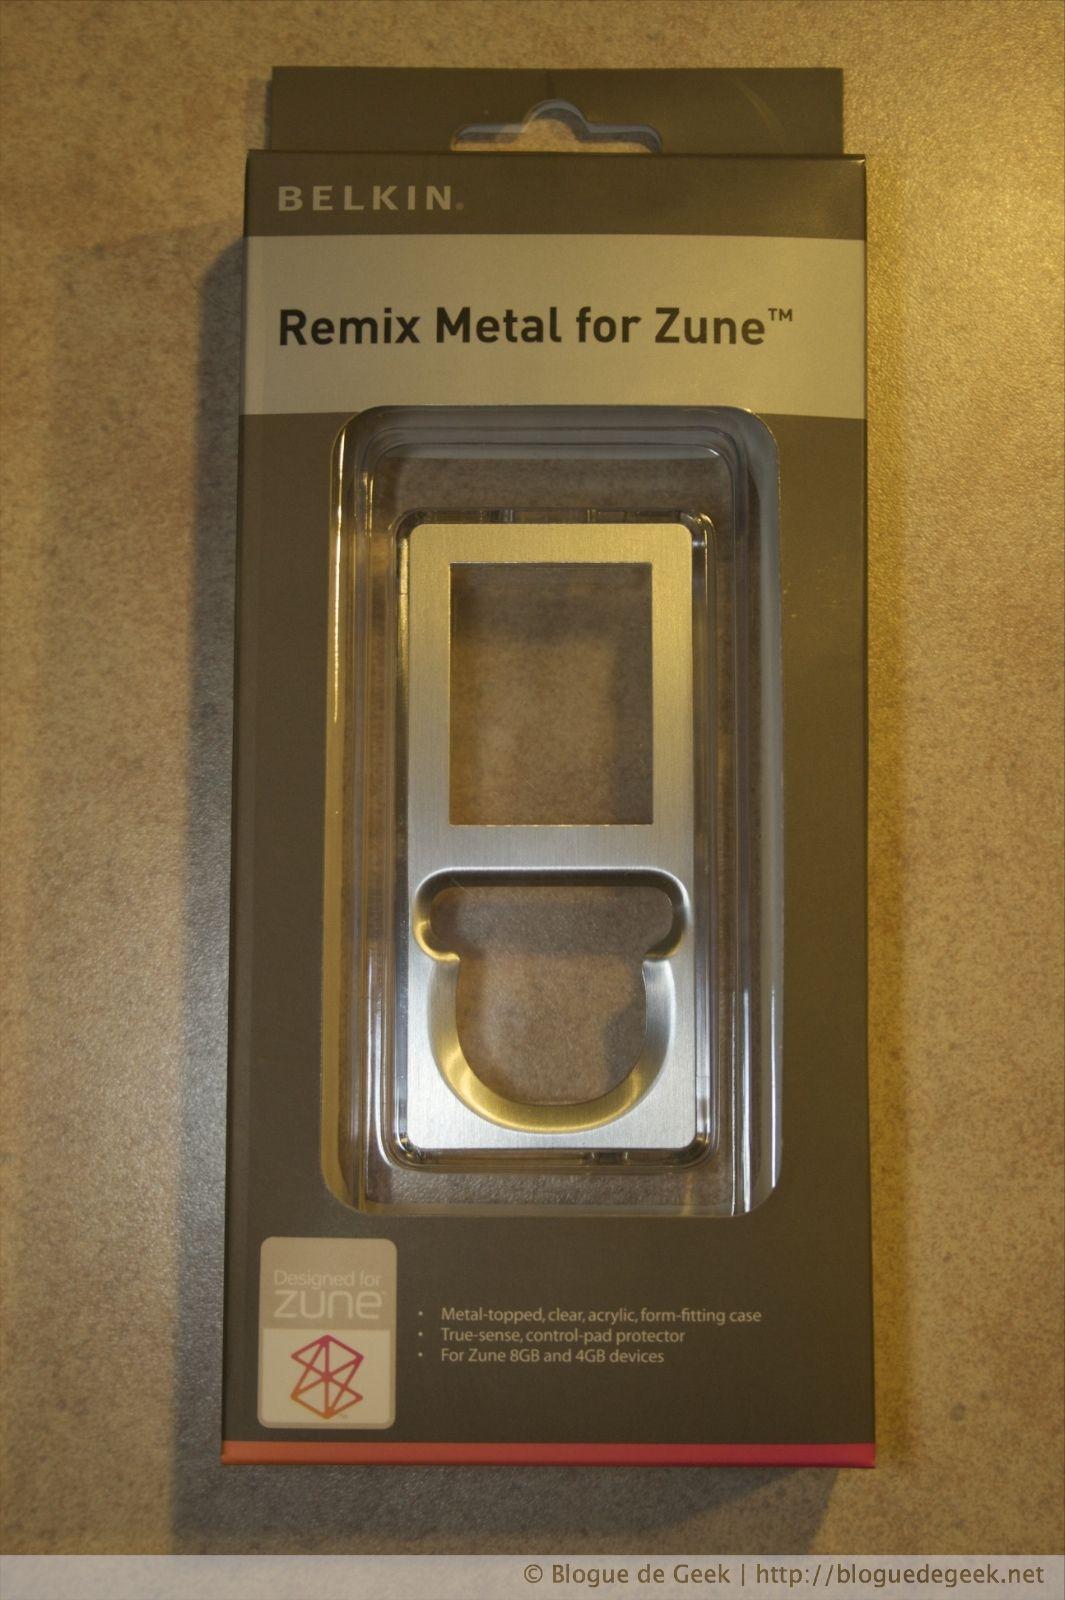 img 2634 22 - Belkin Remix Metal, étui en acrylique pour le Zune 4/8Go [Évaluation]